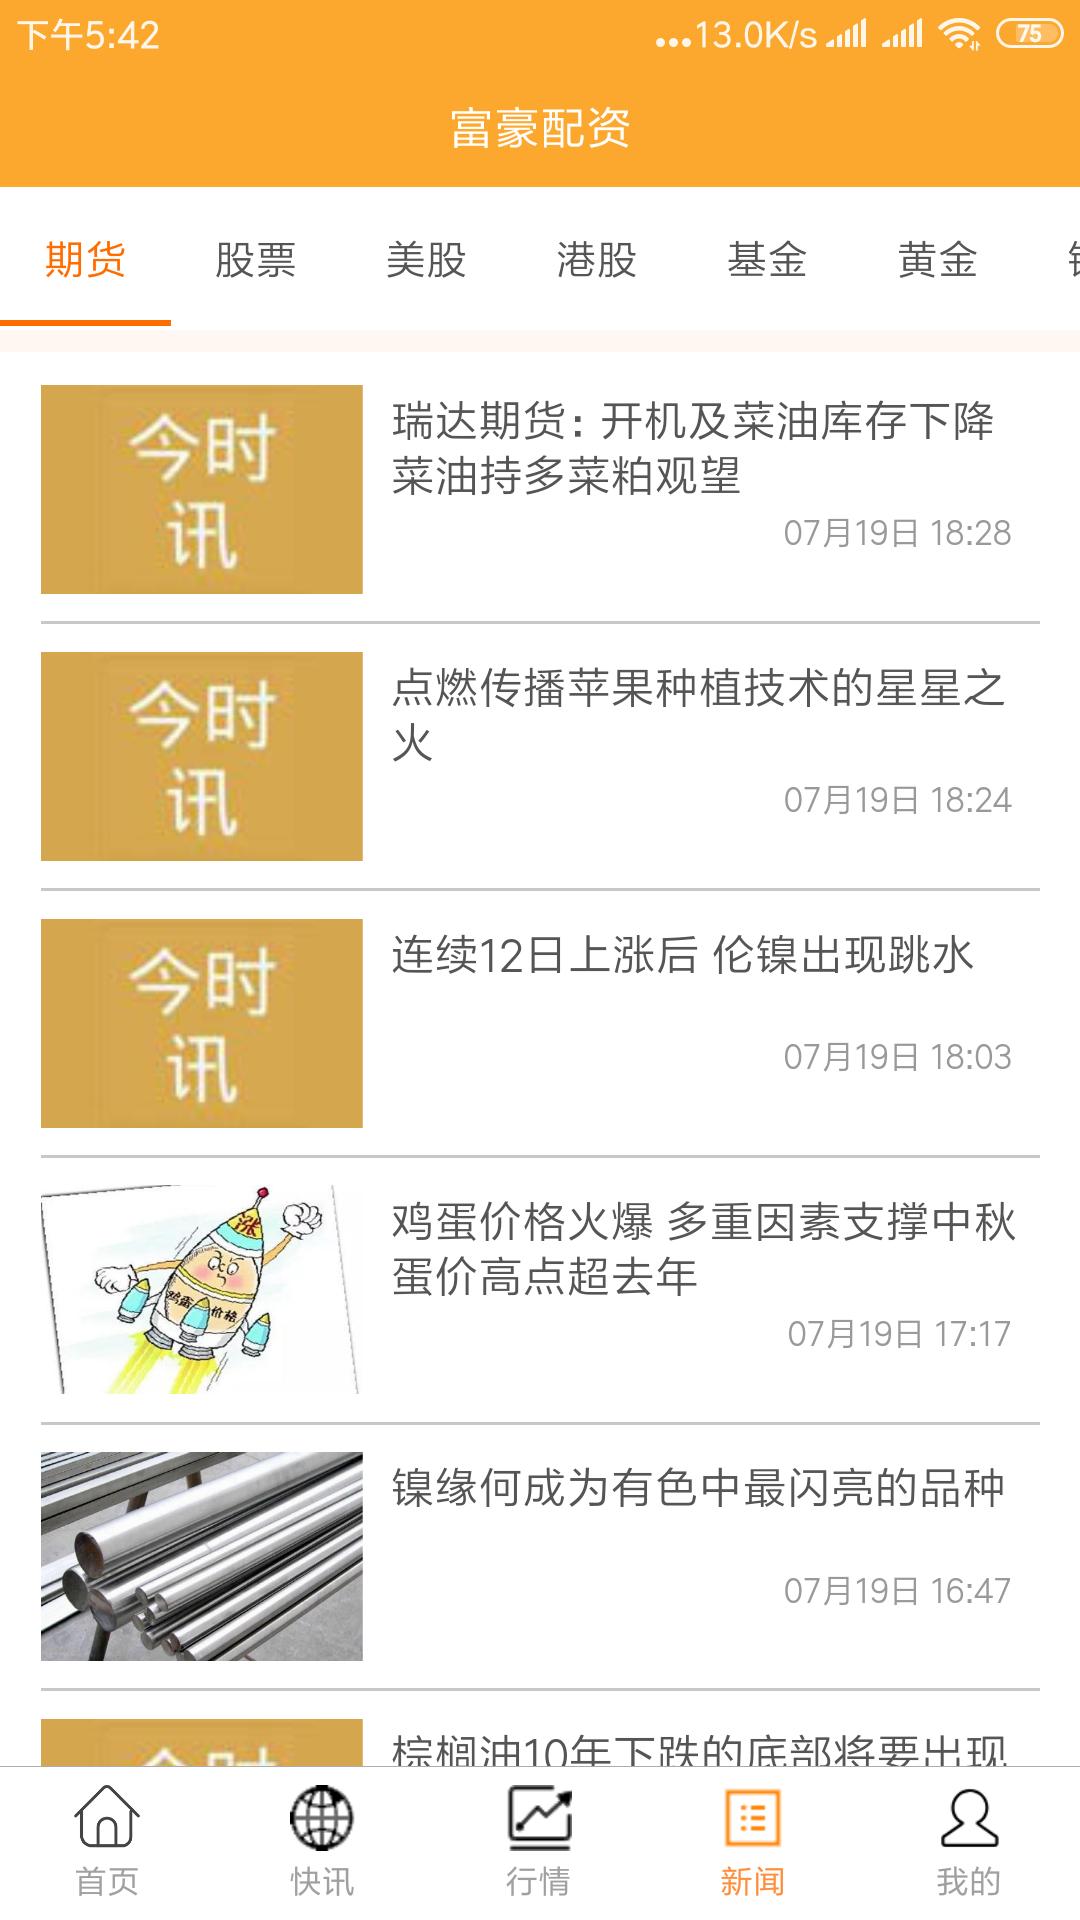 磐股宝app配资交易平台下载图片1